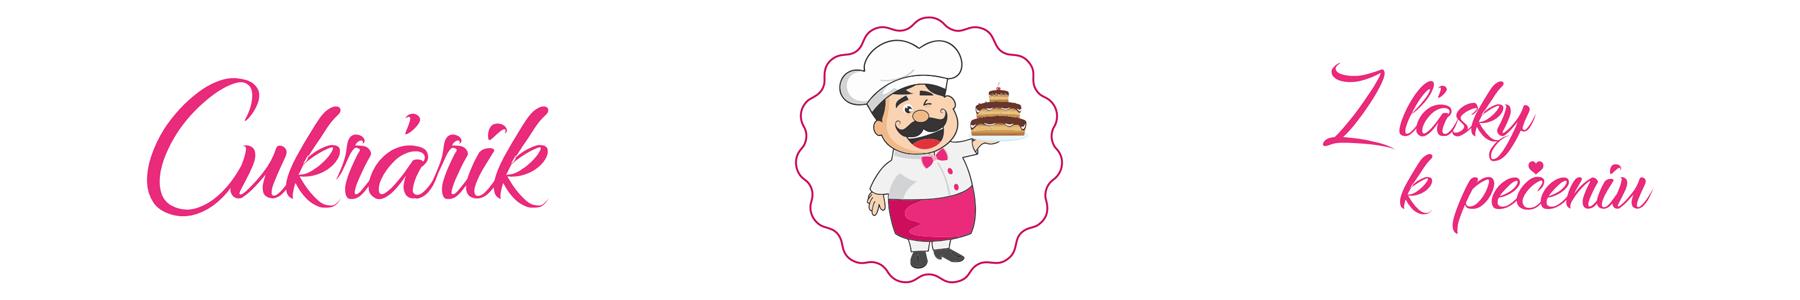 Cukrárik Logo